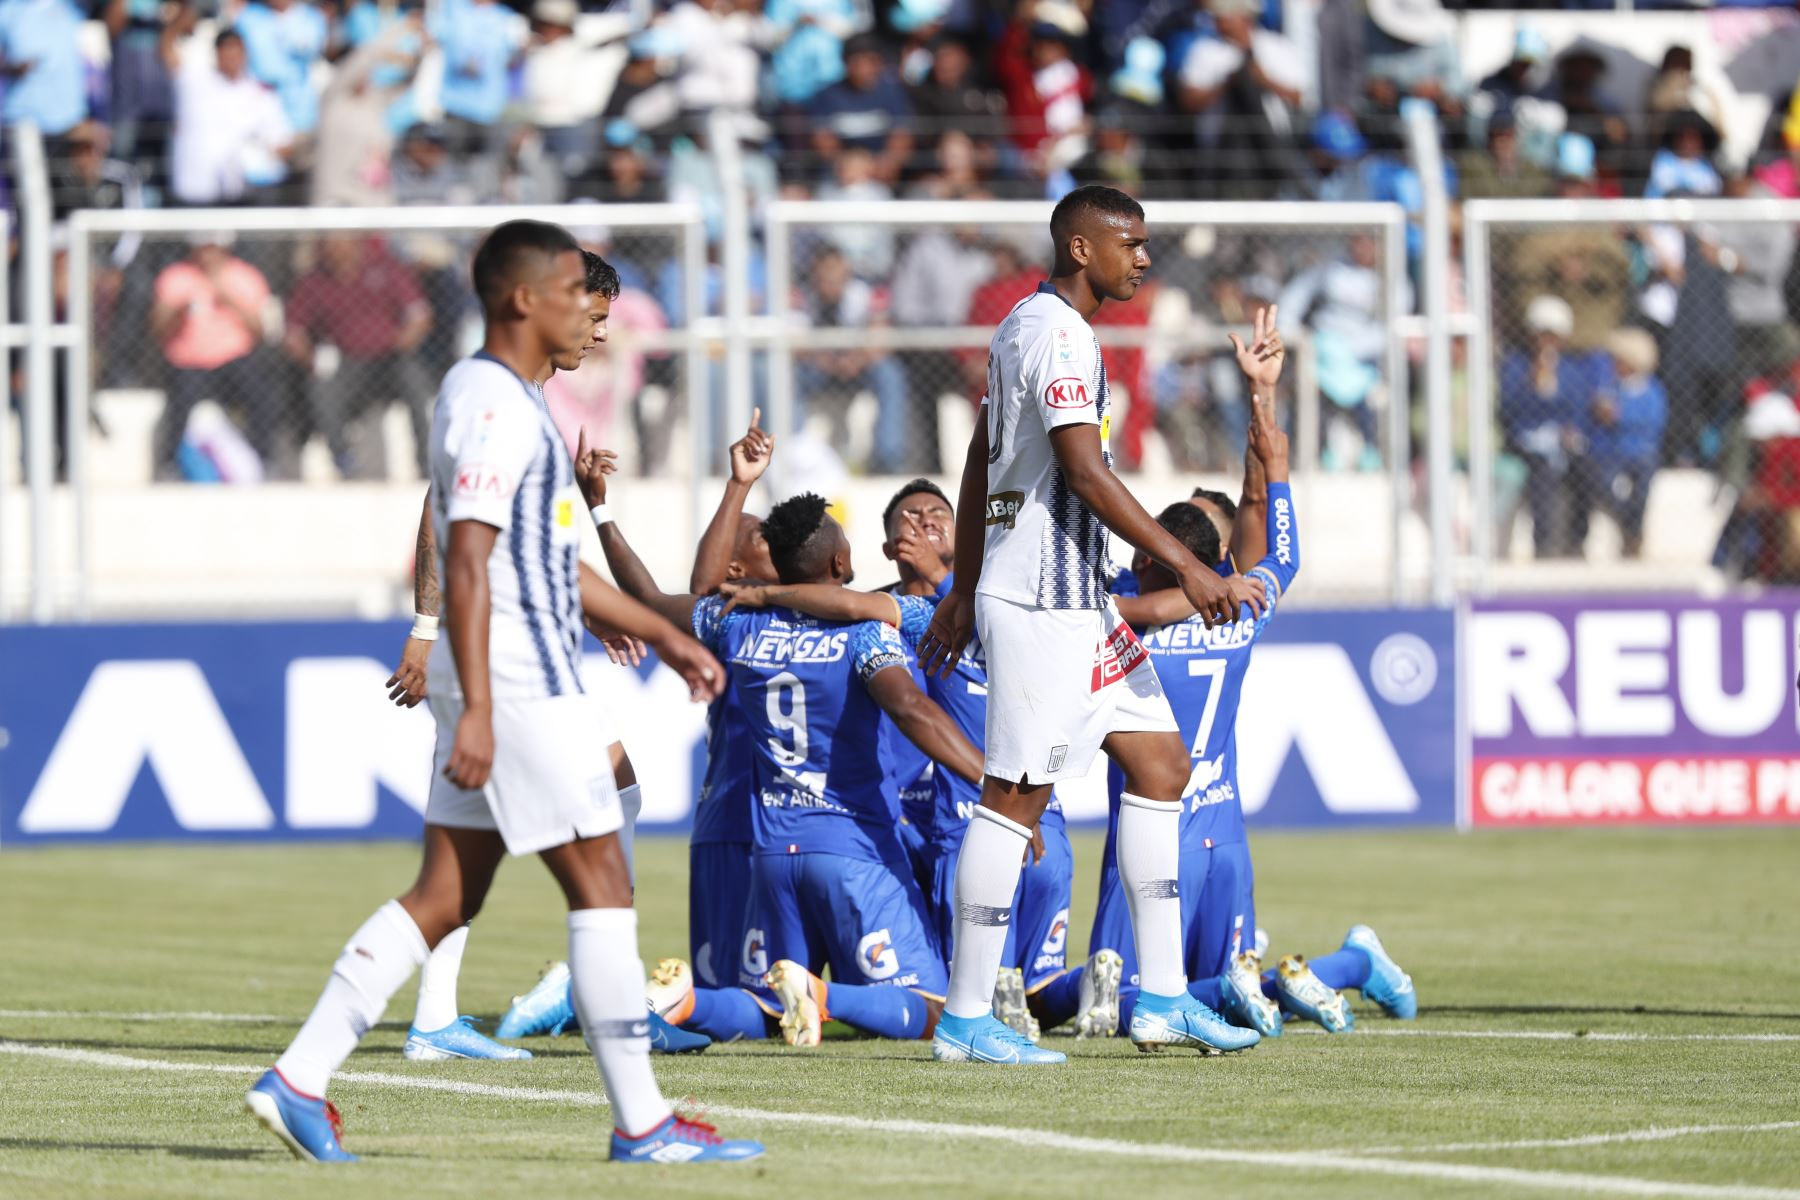 Alianza Lima es derrotado por Binacional en el partido de ida en la final del fútbol peruano por la Liga 1, en la ciudad de Juliaca – Puno. Foto: ANDINA/Carlos Lezama